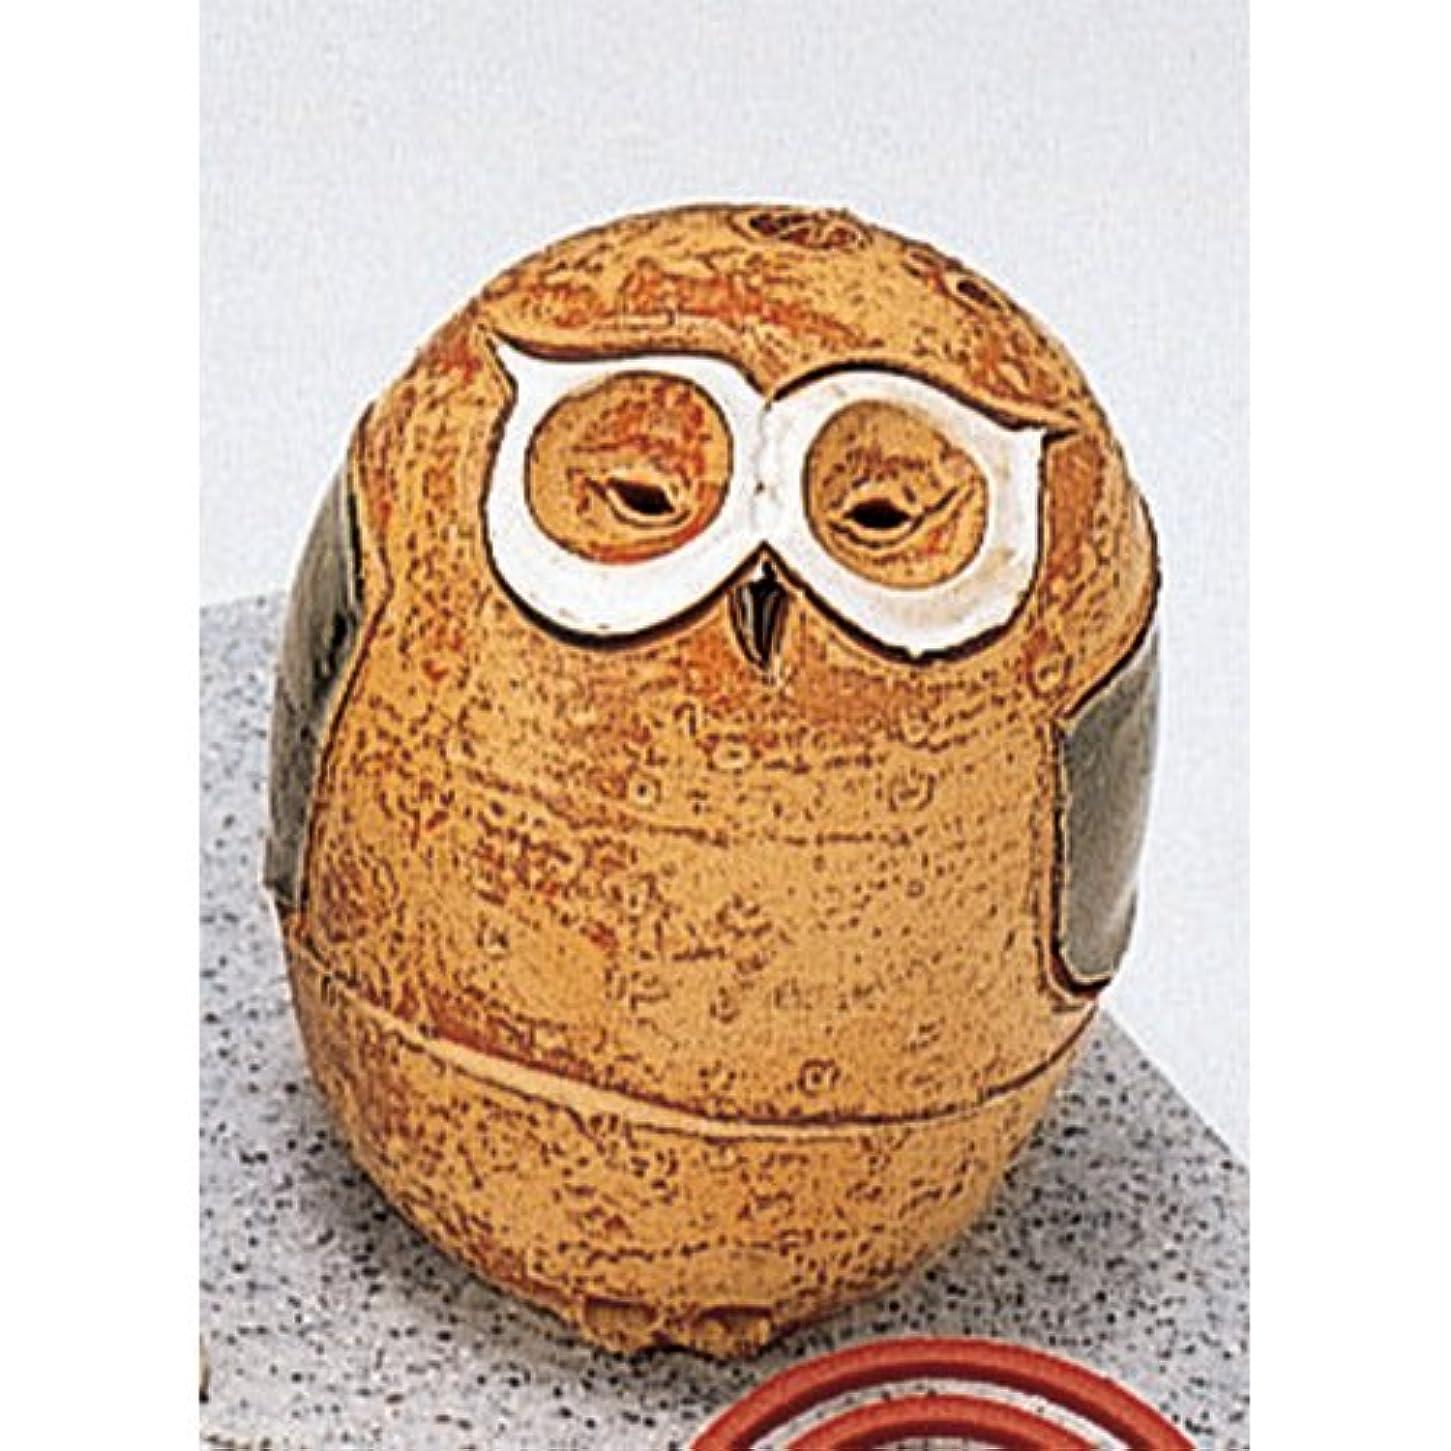 セットアップ発掘する読者香炉 フクロウ 香炉(大) [R7xH9.3cm] HANDMADE プレゼント ギフト 和食器 かわいい インテリア